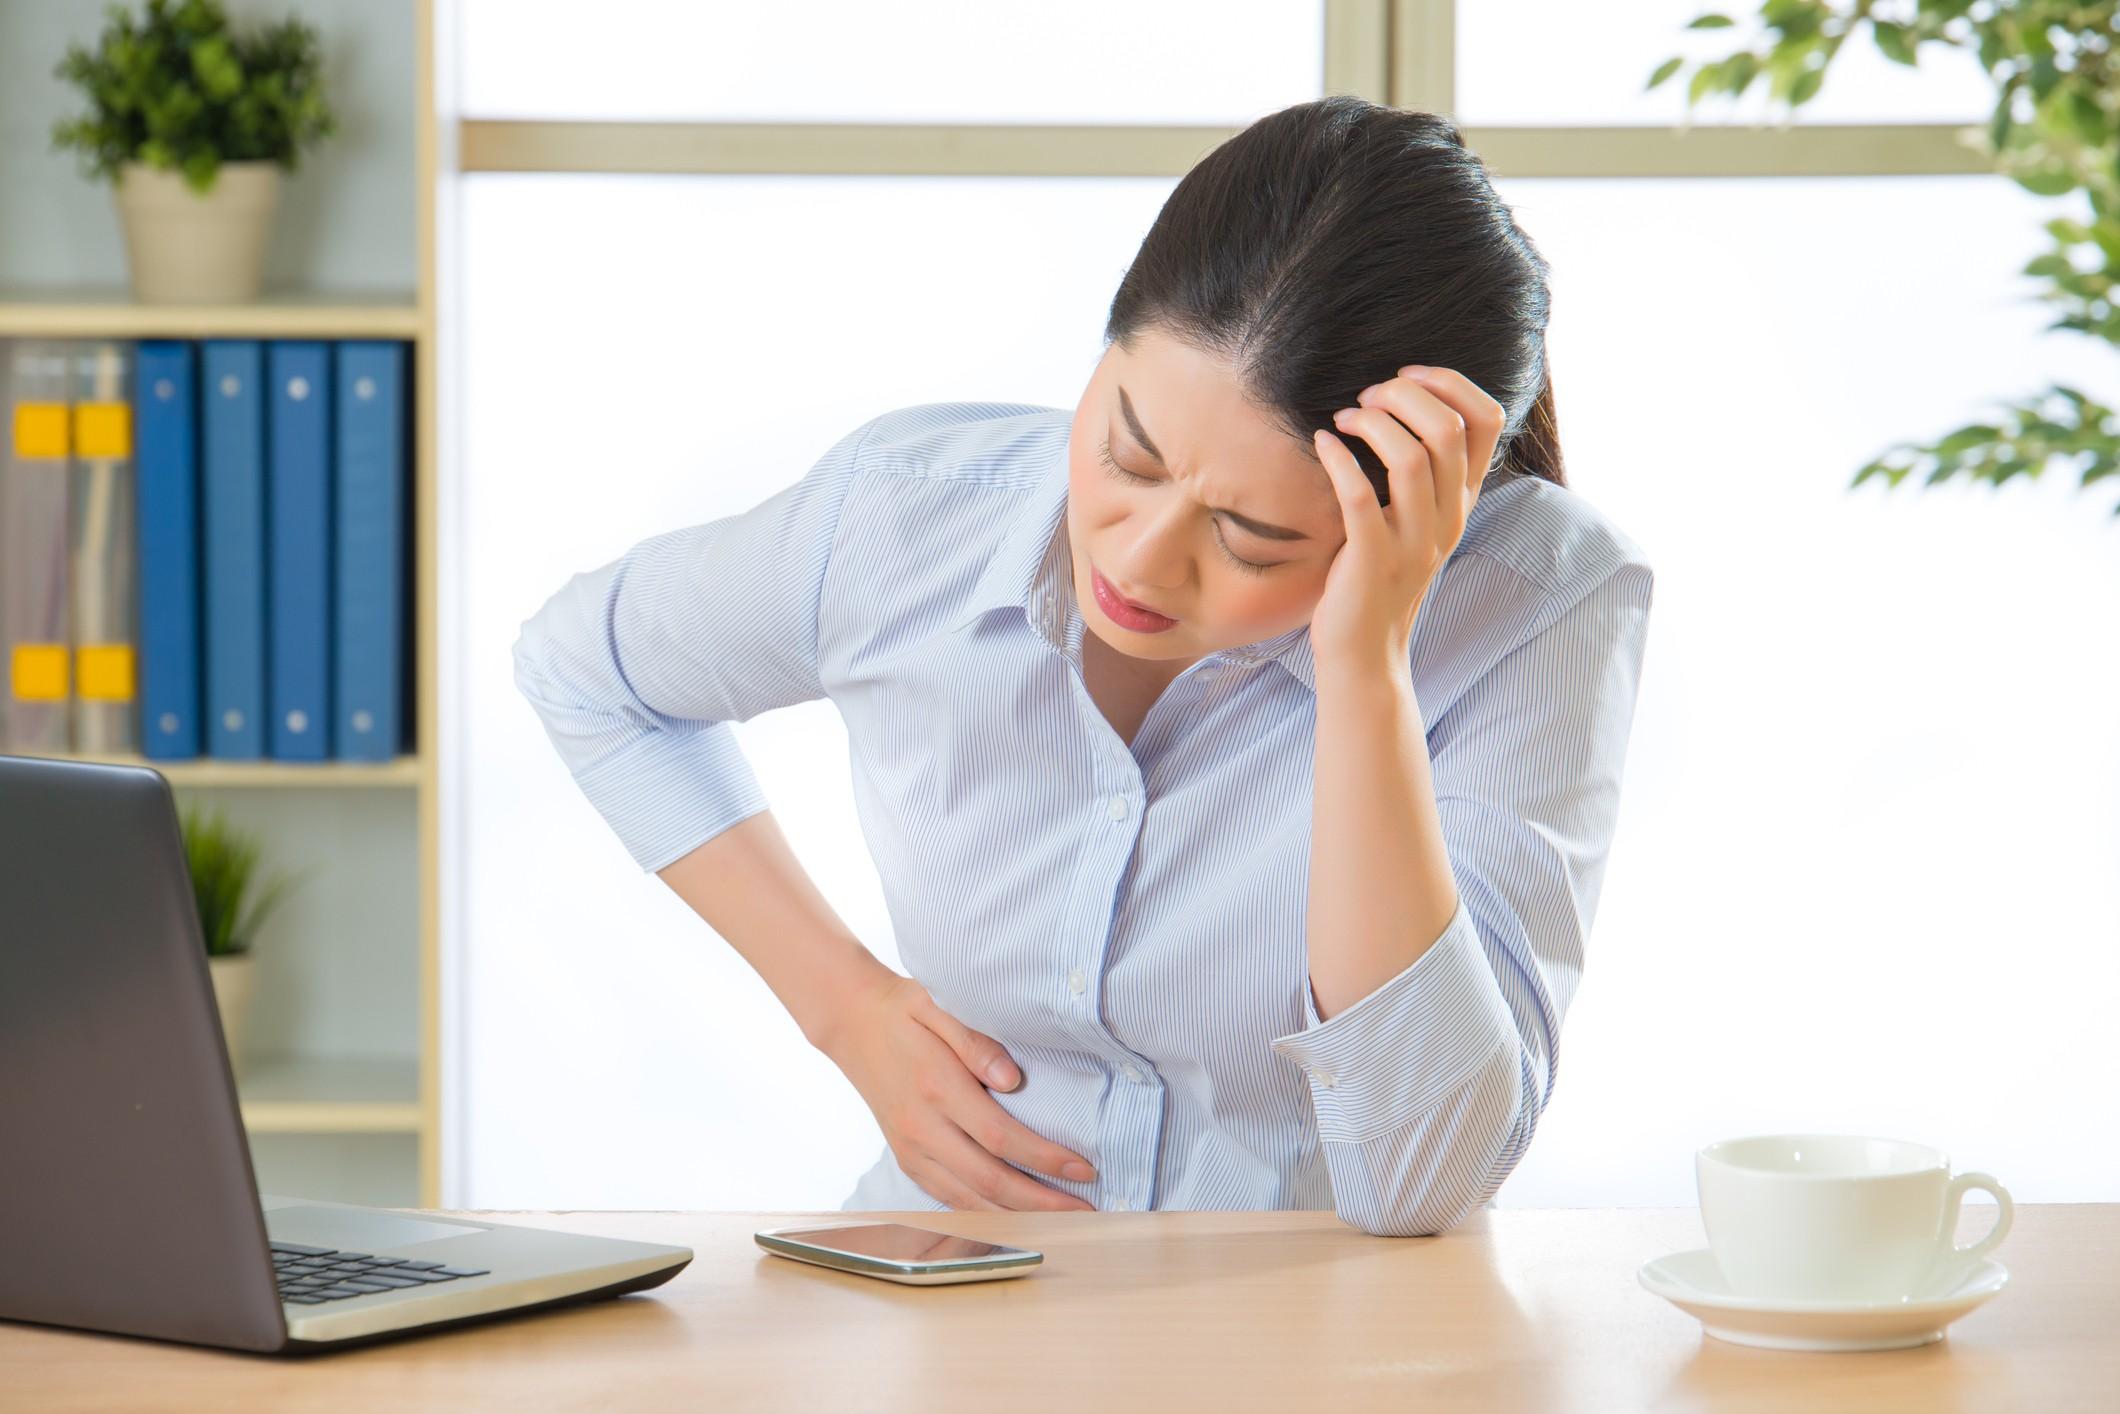 65% das mulheres sentem cólica durante o período menstrual (Foto: Thinkstock)